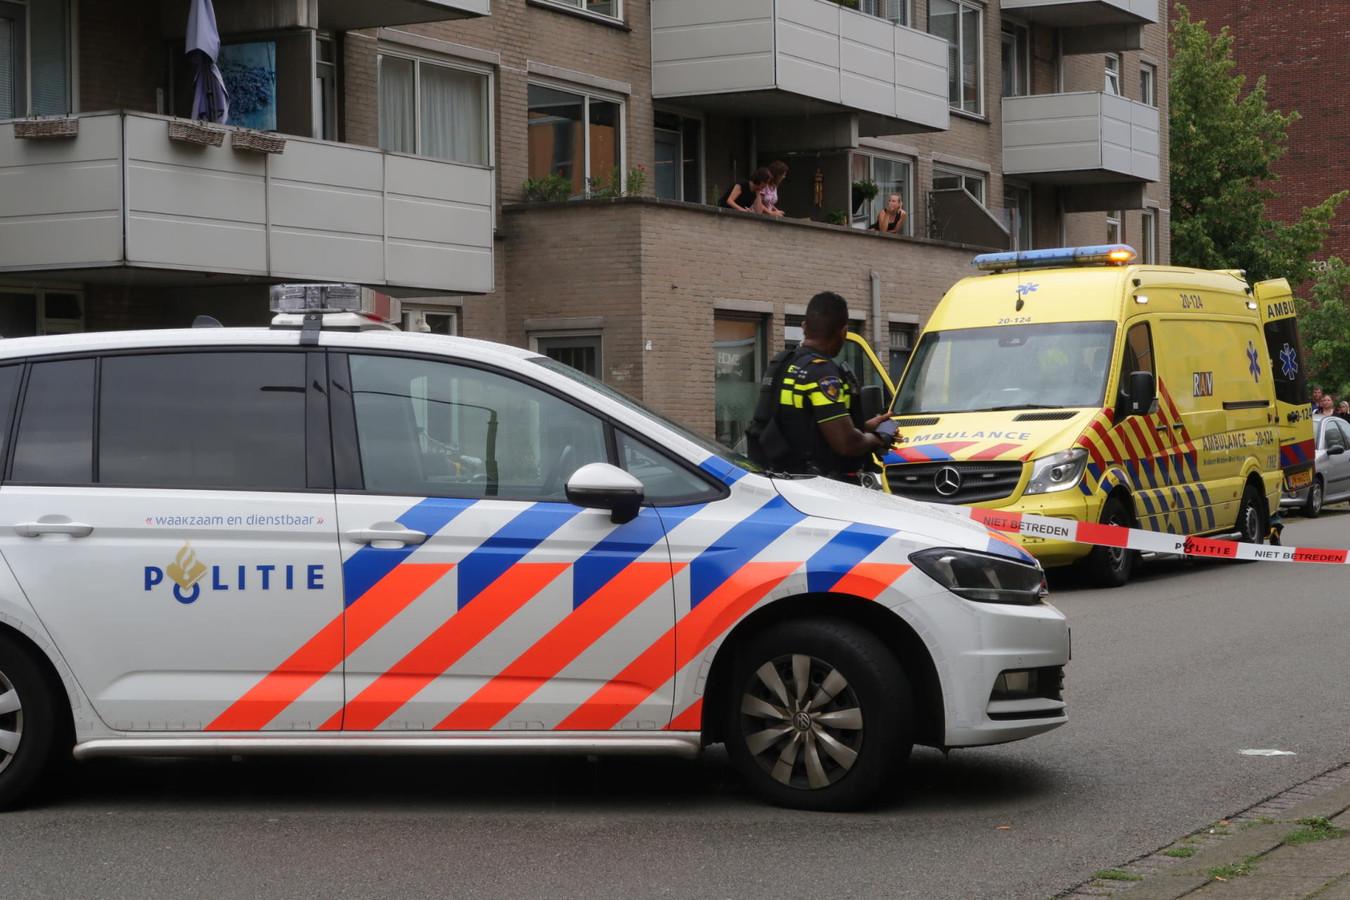 De politie heeft vrijdagmiddag de Leuvenaarstraat in Breda afgezet na de schietpartij waarbij een bewoner gewond raakte.